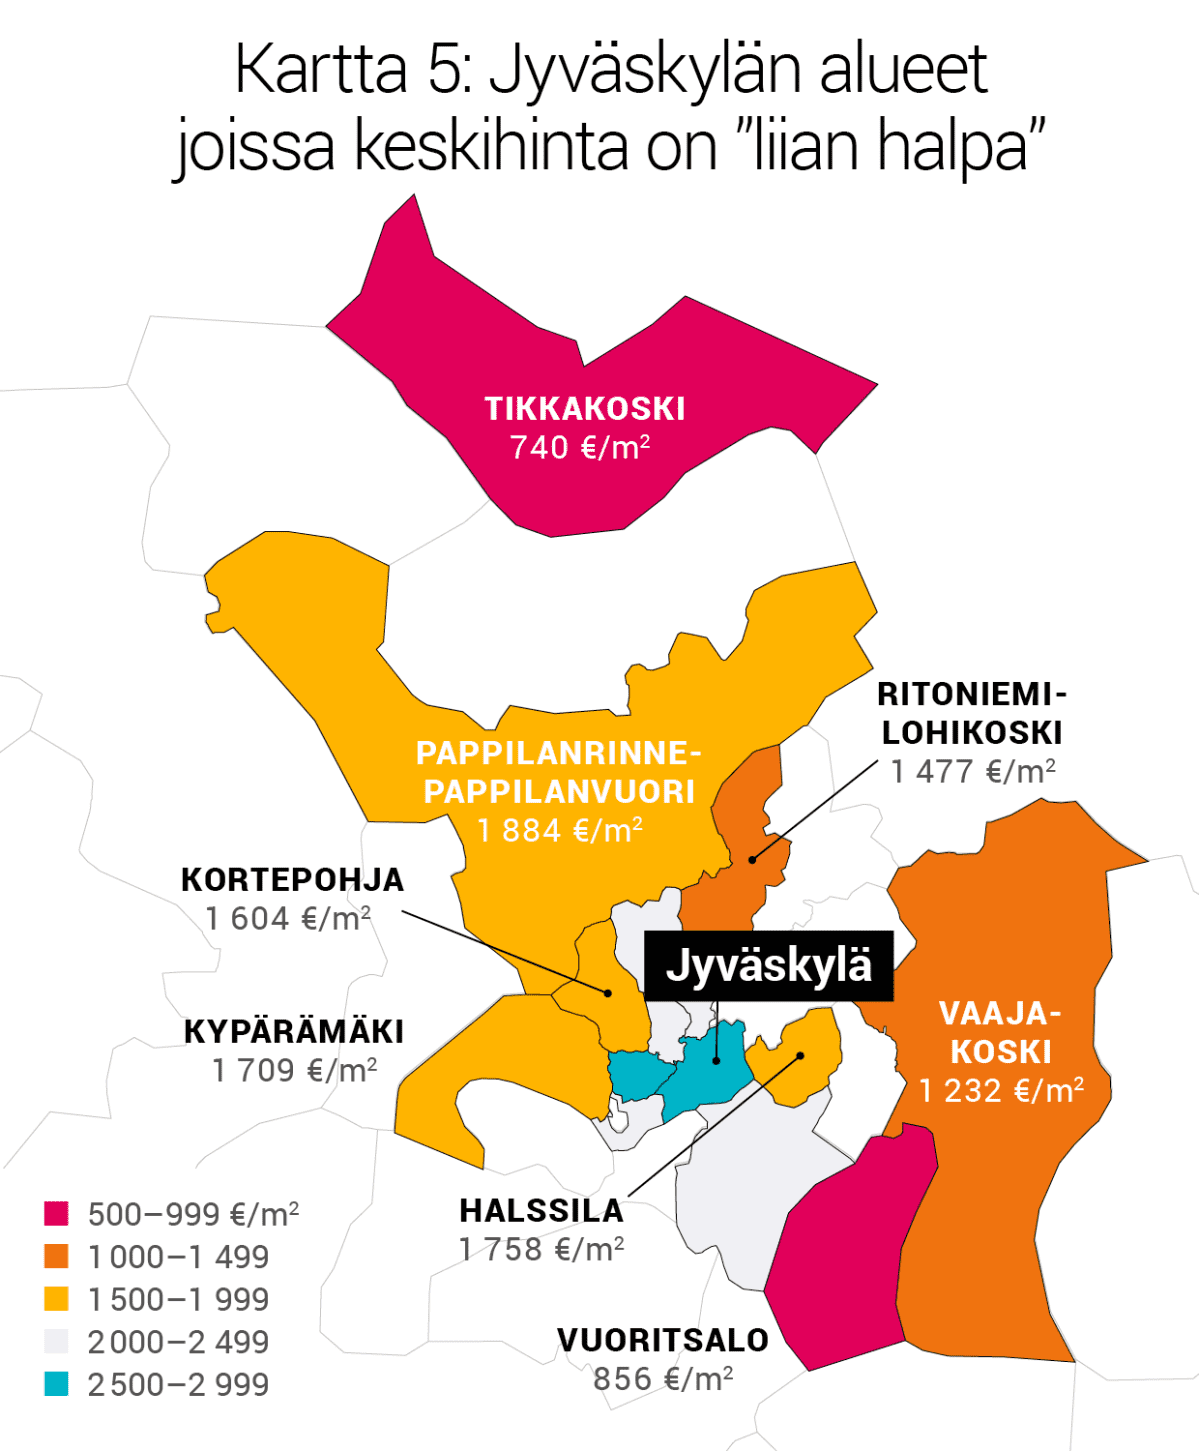 """Kartta 5: Jyväskylän alueet joissa keskihinta on """"liian halpa""""."""